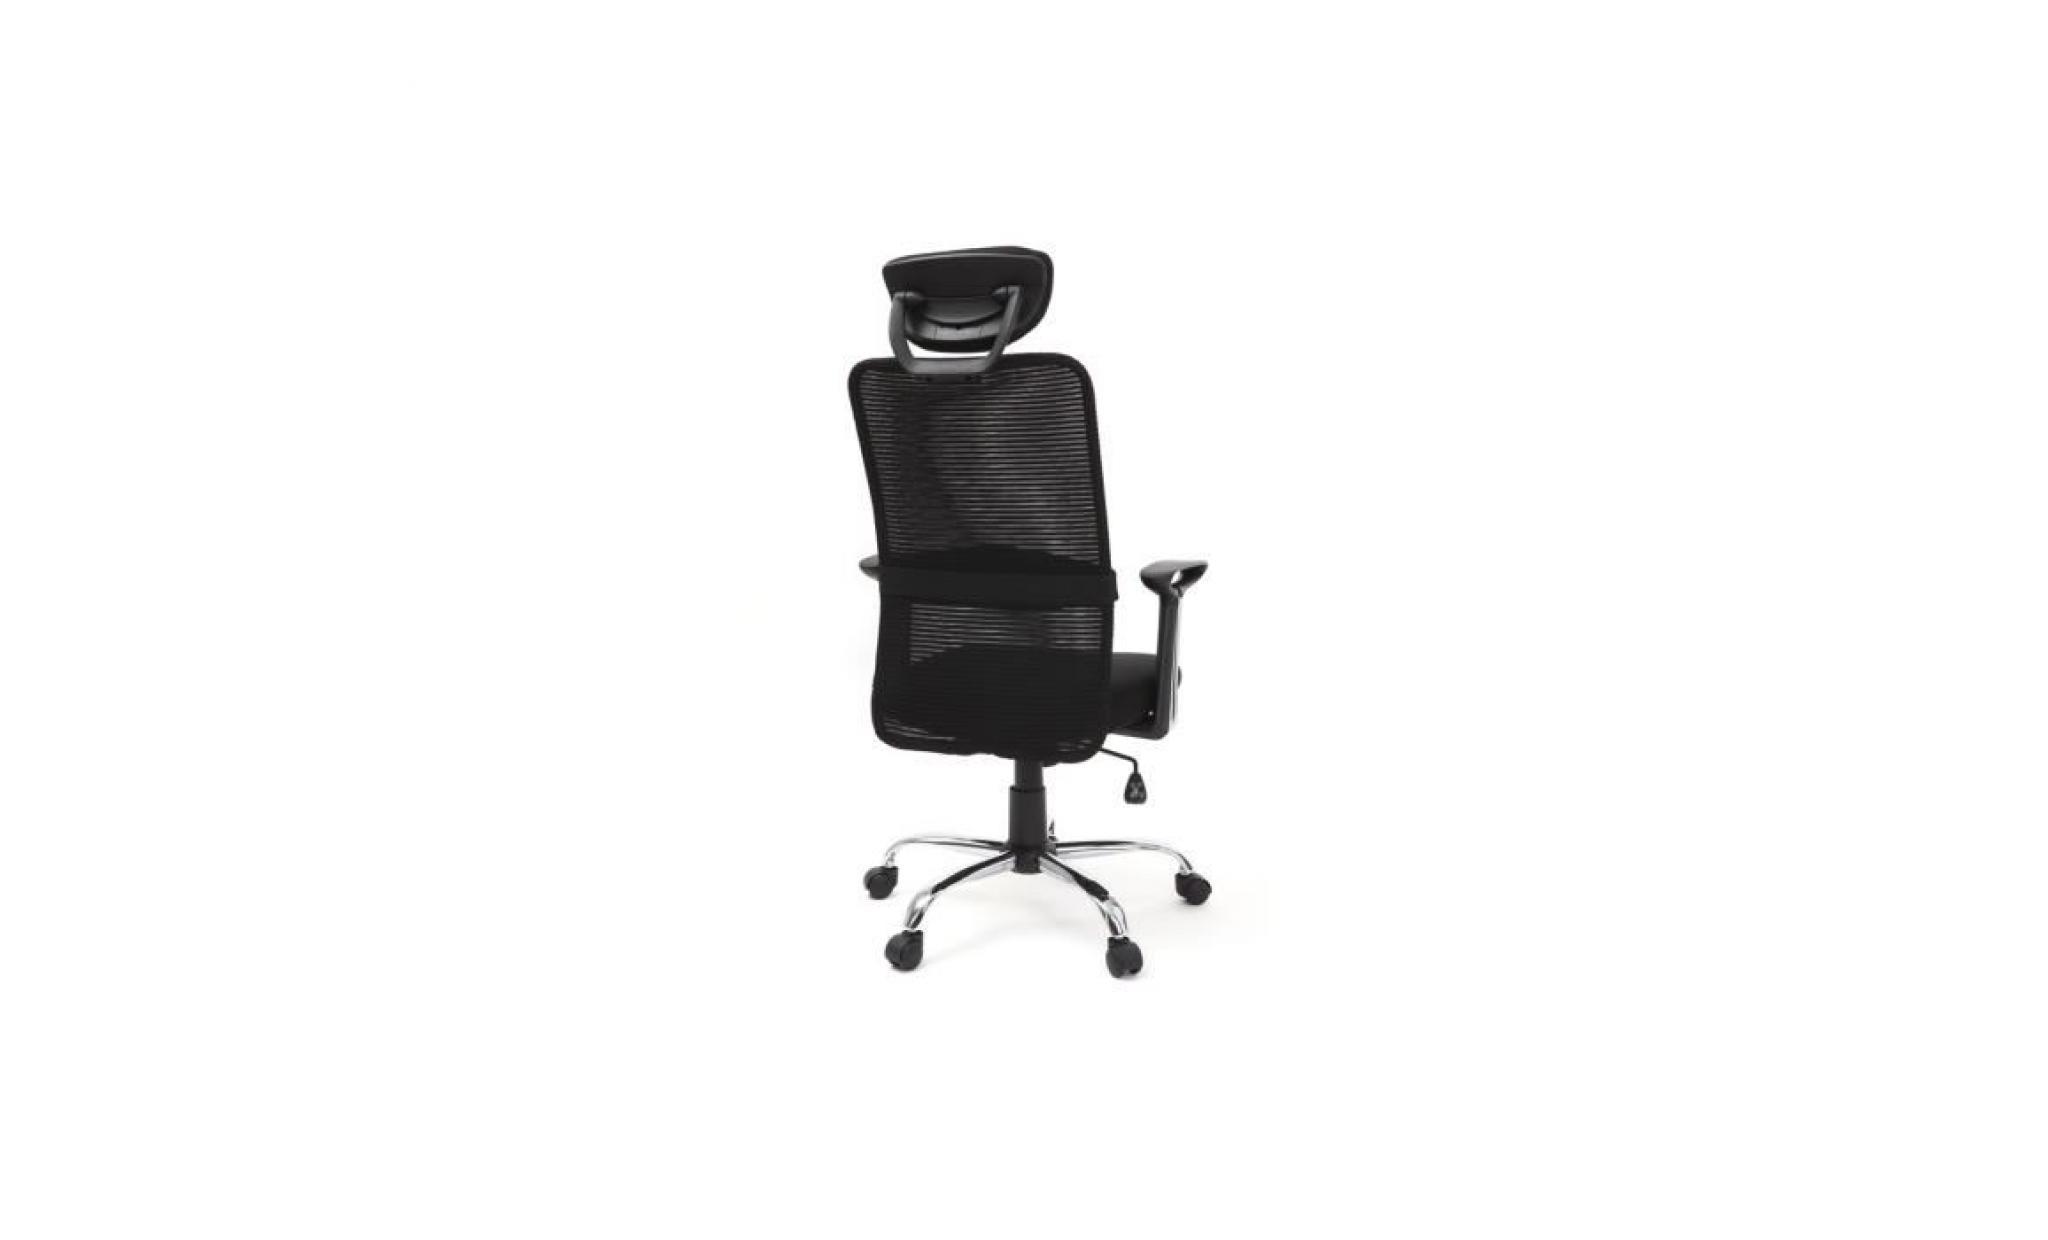 adapt fauteuil 3 40 Élégant Promo Fauteuil Ksh4